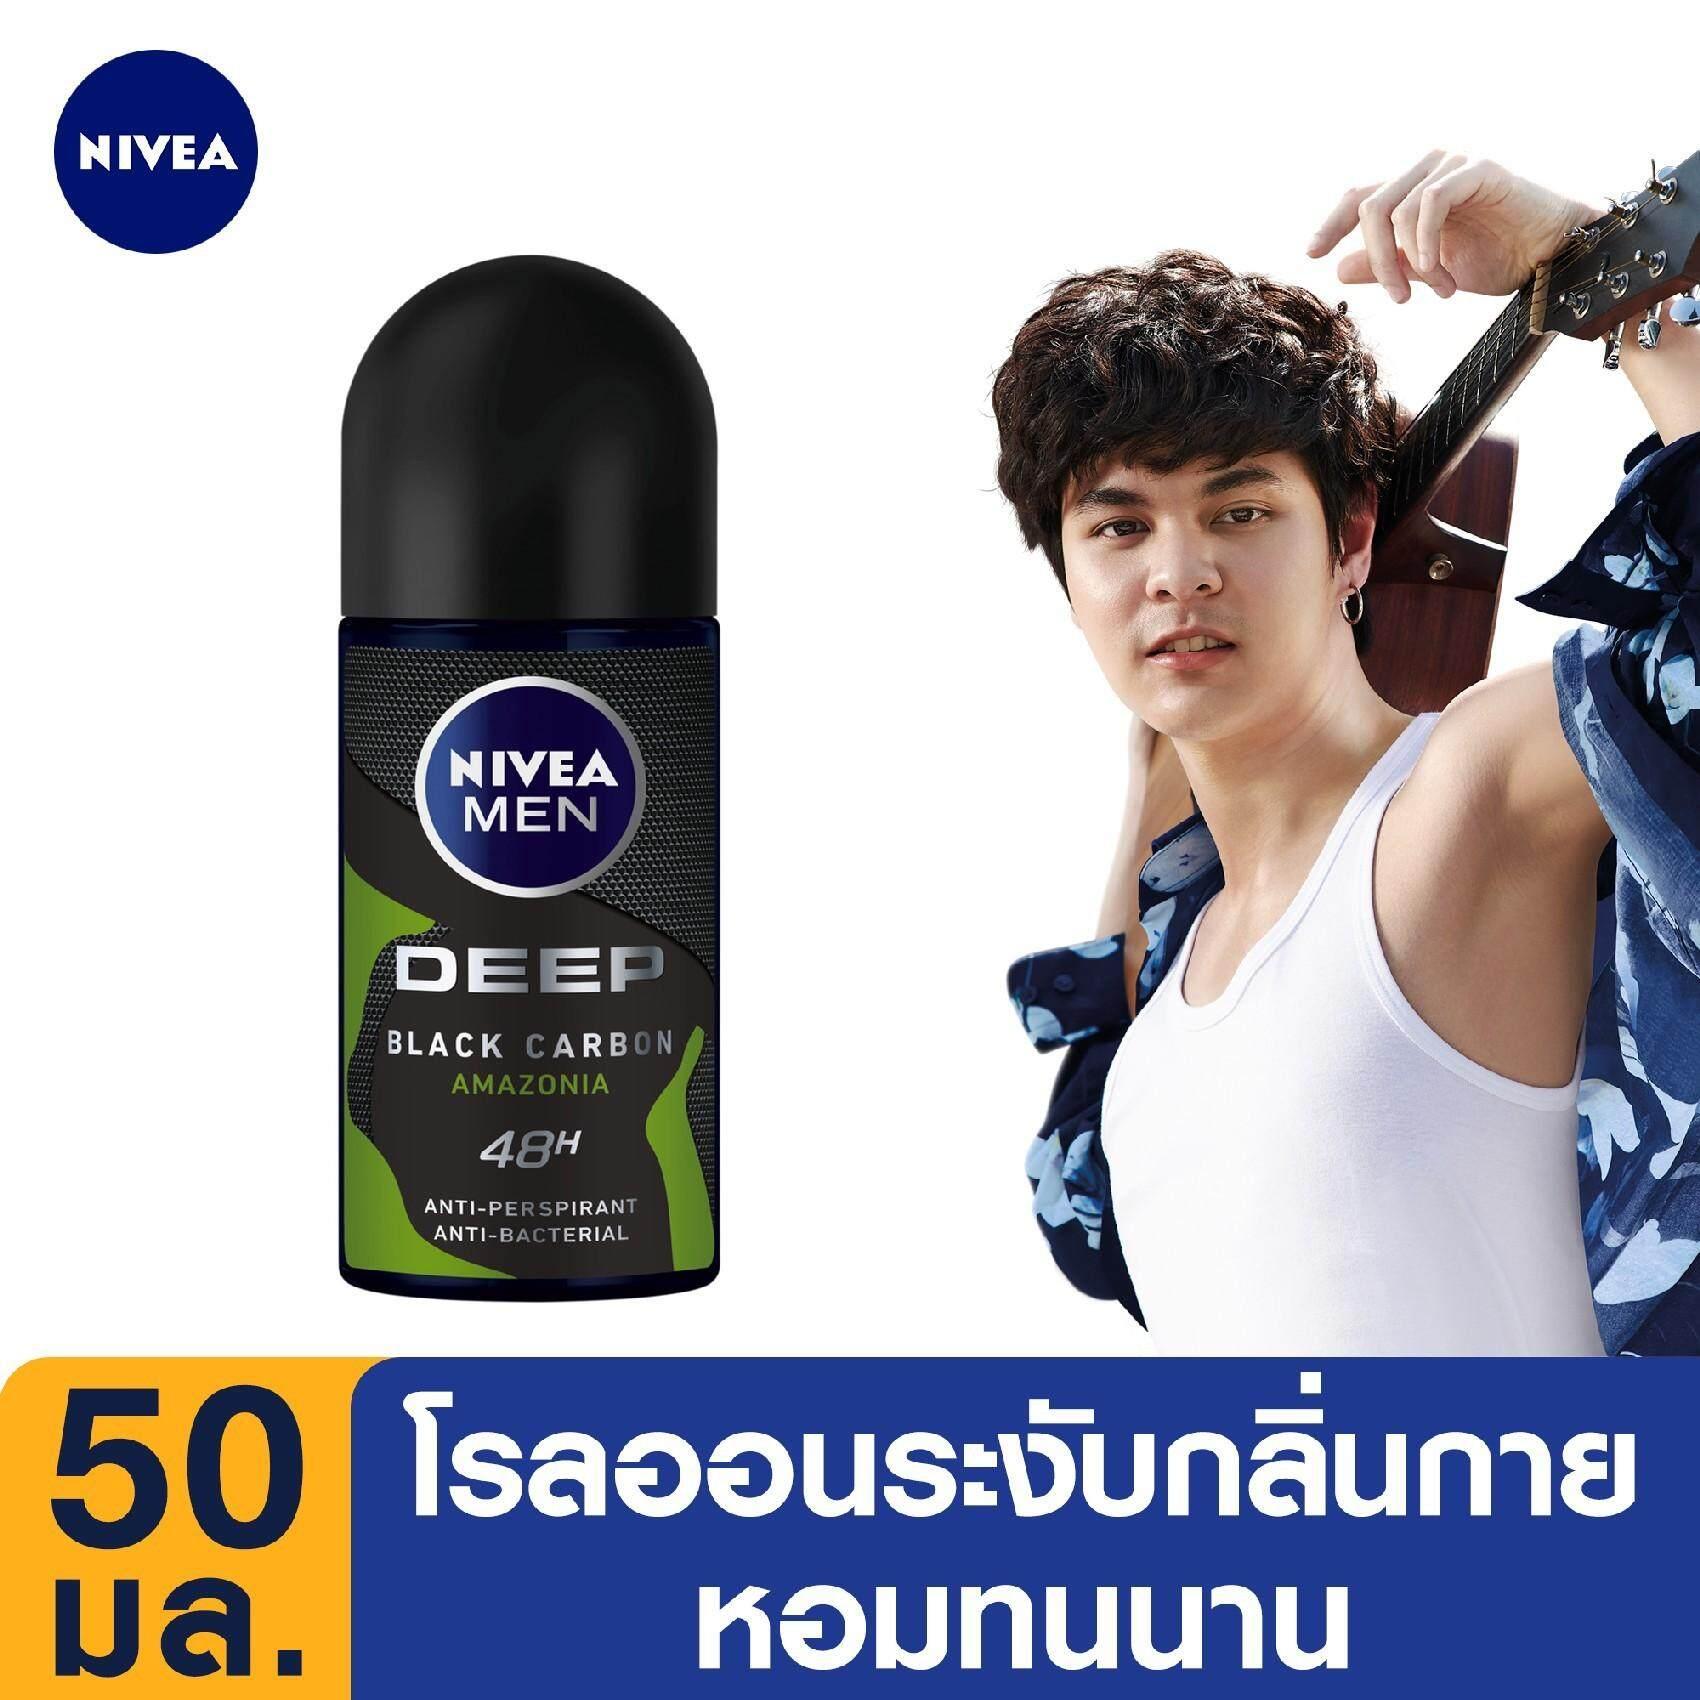 นีเวีย เมนดีพ กรีน โรลออน ระงับกลิ่นกาย50มล. NIVEA MEN Deep Green Deodorant Roll on 50 ml.